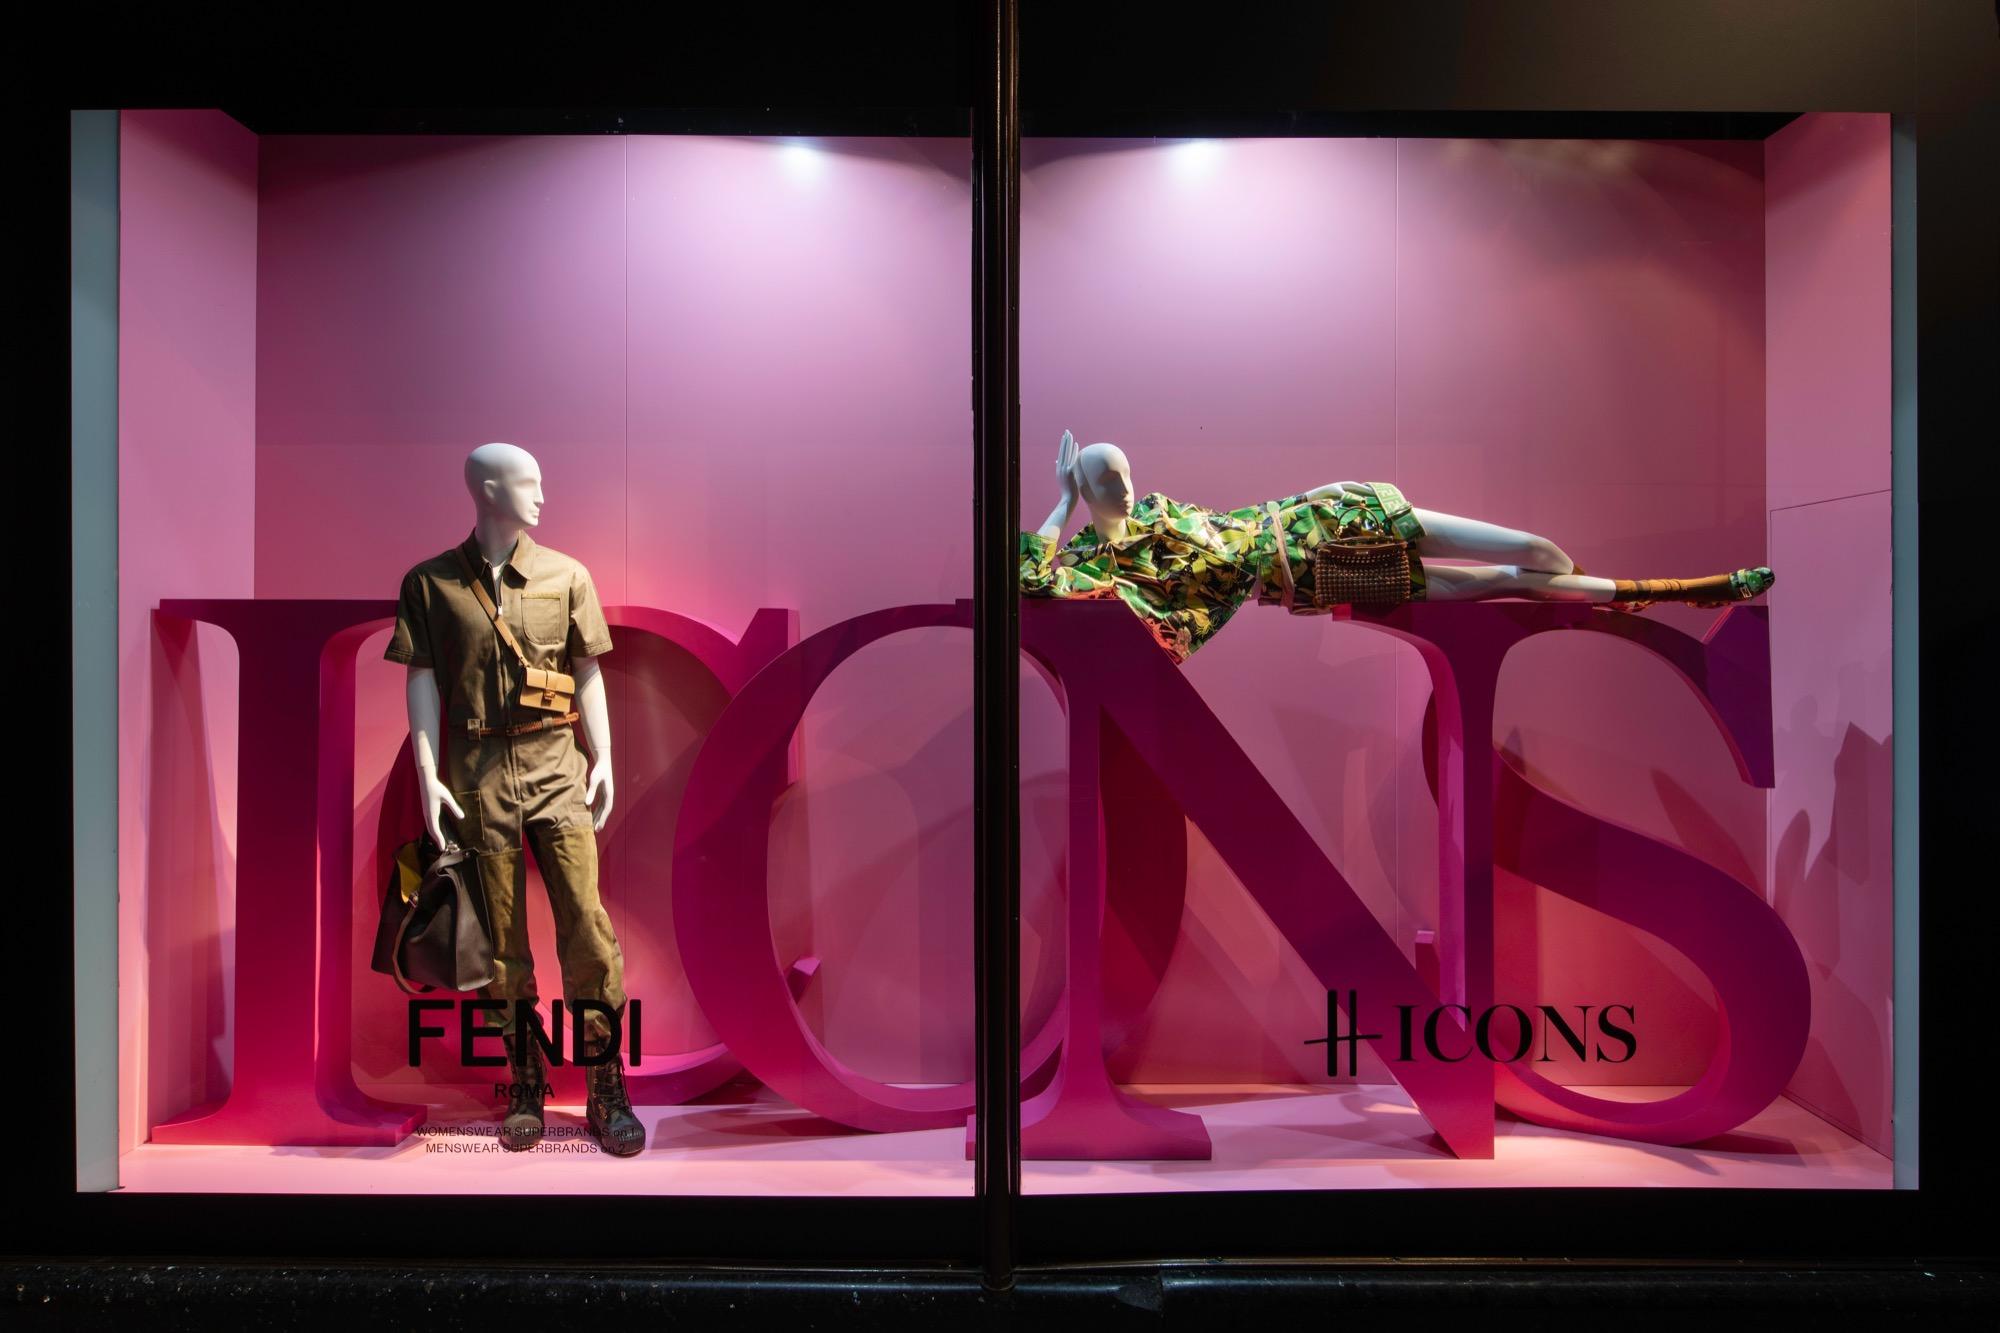 Harrods ICONS featuring Schläppi mannequins